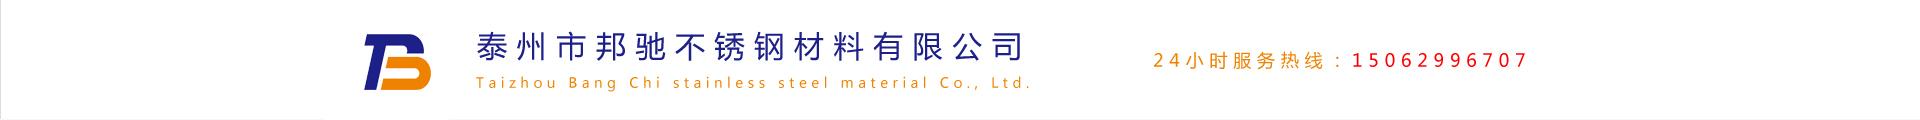 泰州市邦驰不锈钢材料有限公司